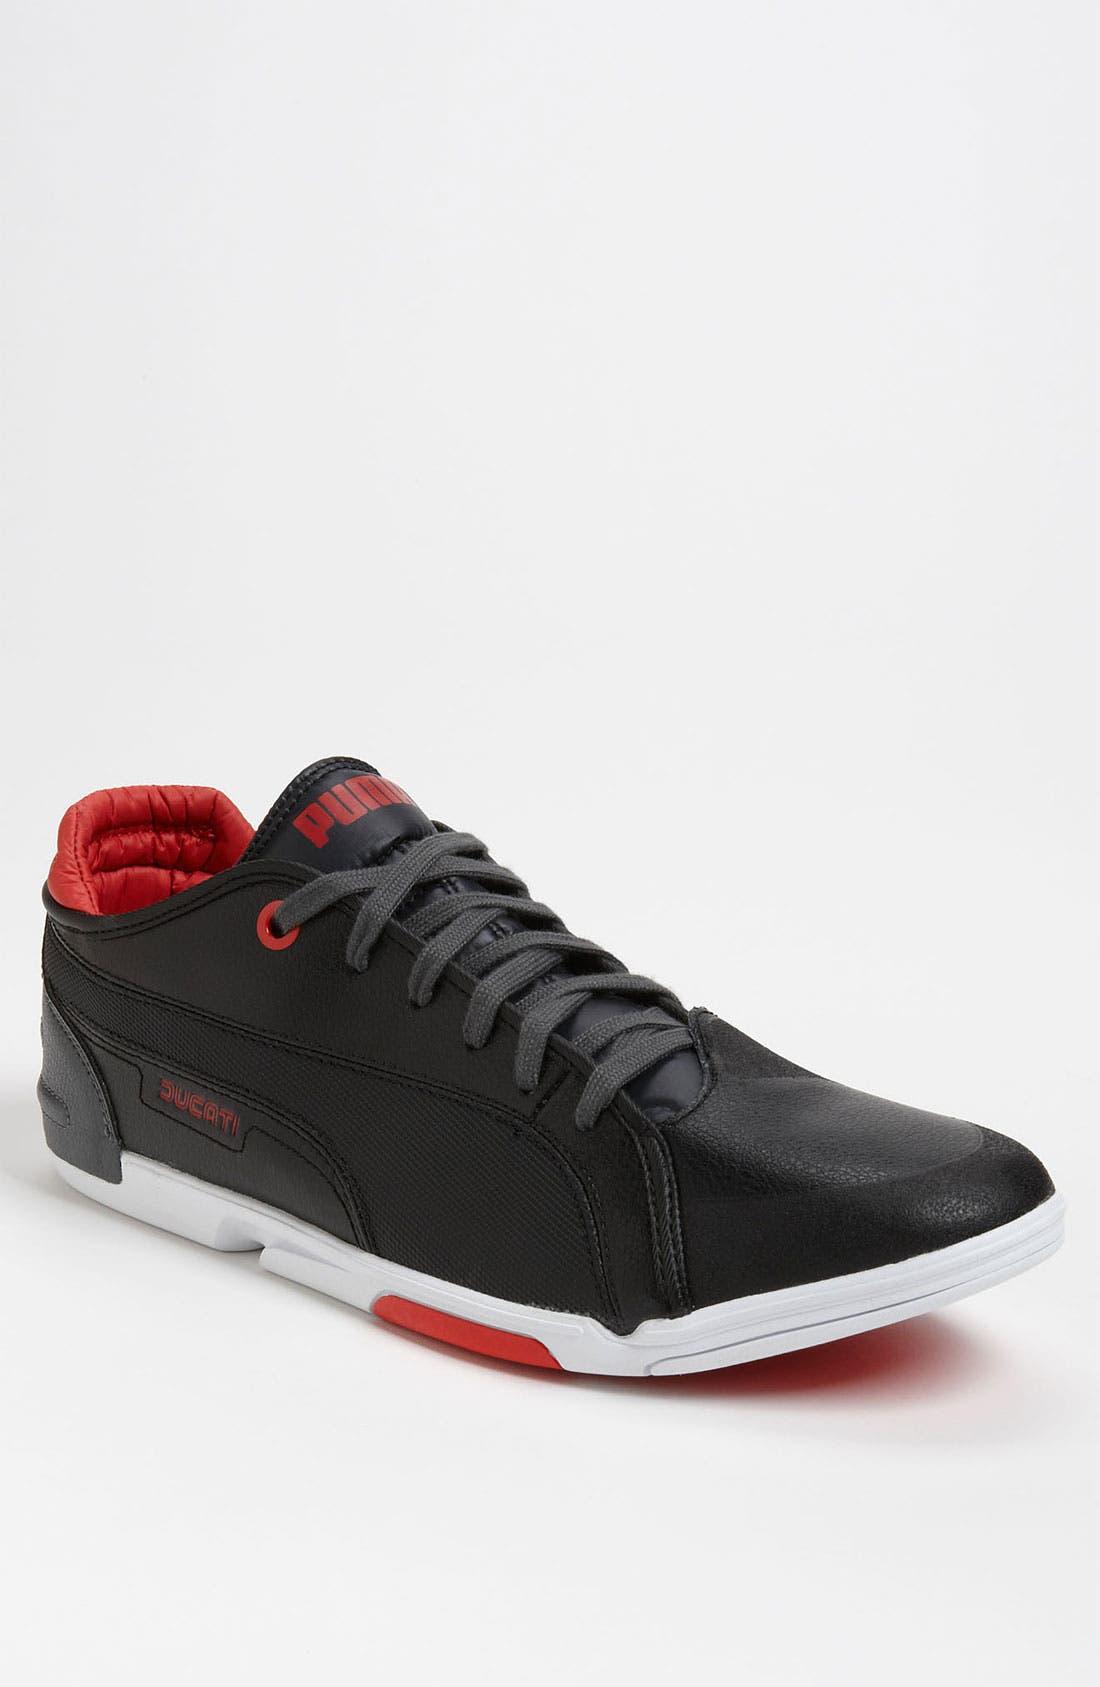 Main Image - PUMA 'Ducati Xelerate Low' Sneaker (Men) (Online Exclusive)